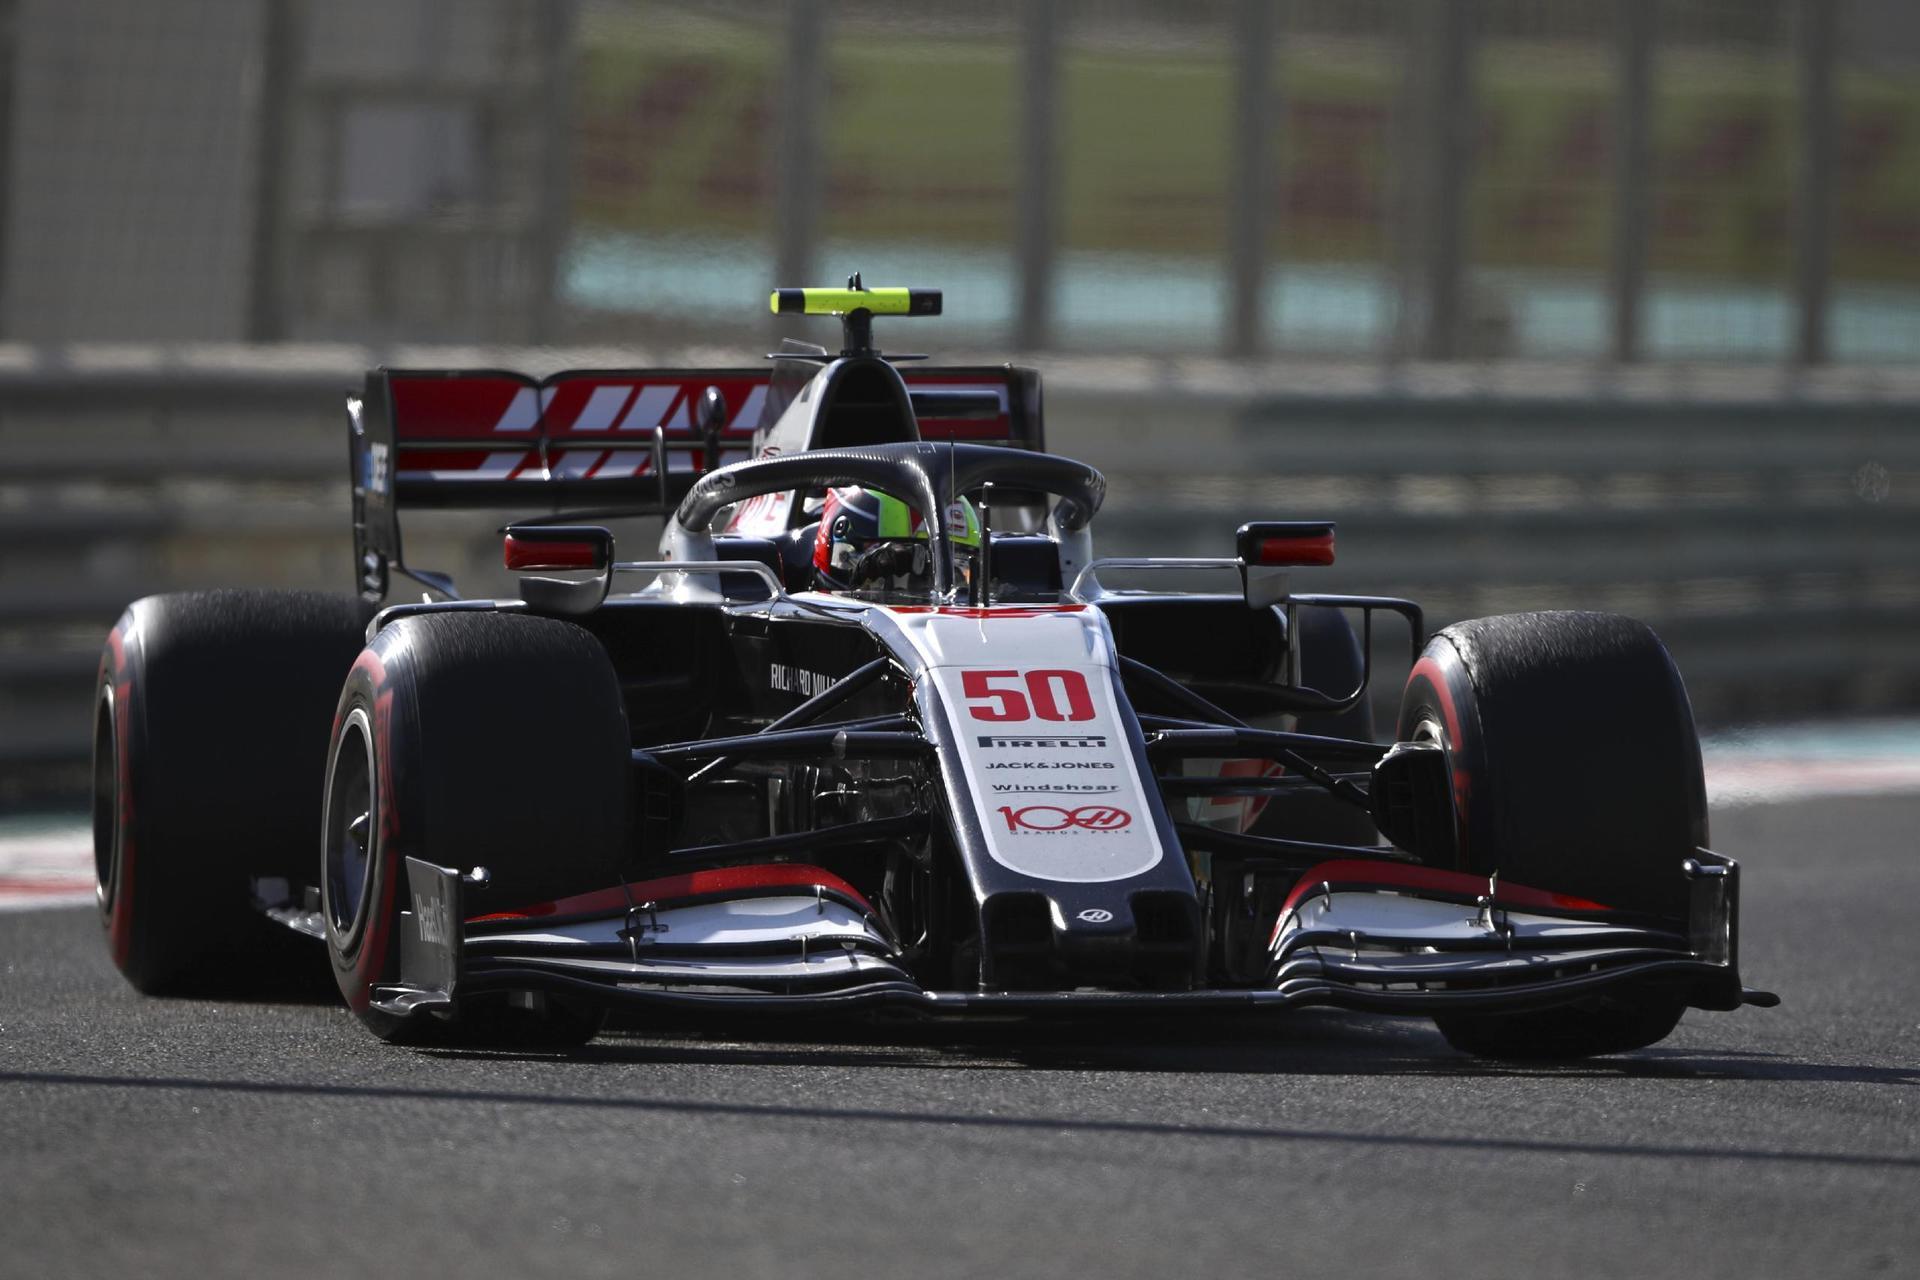 Schumacher startet F1-Karriere – «Super Job» bei Premiere Erste Ausfahrt im Haas